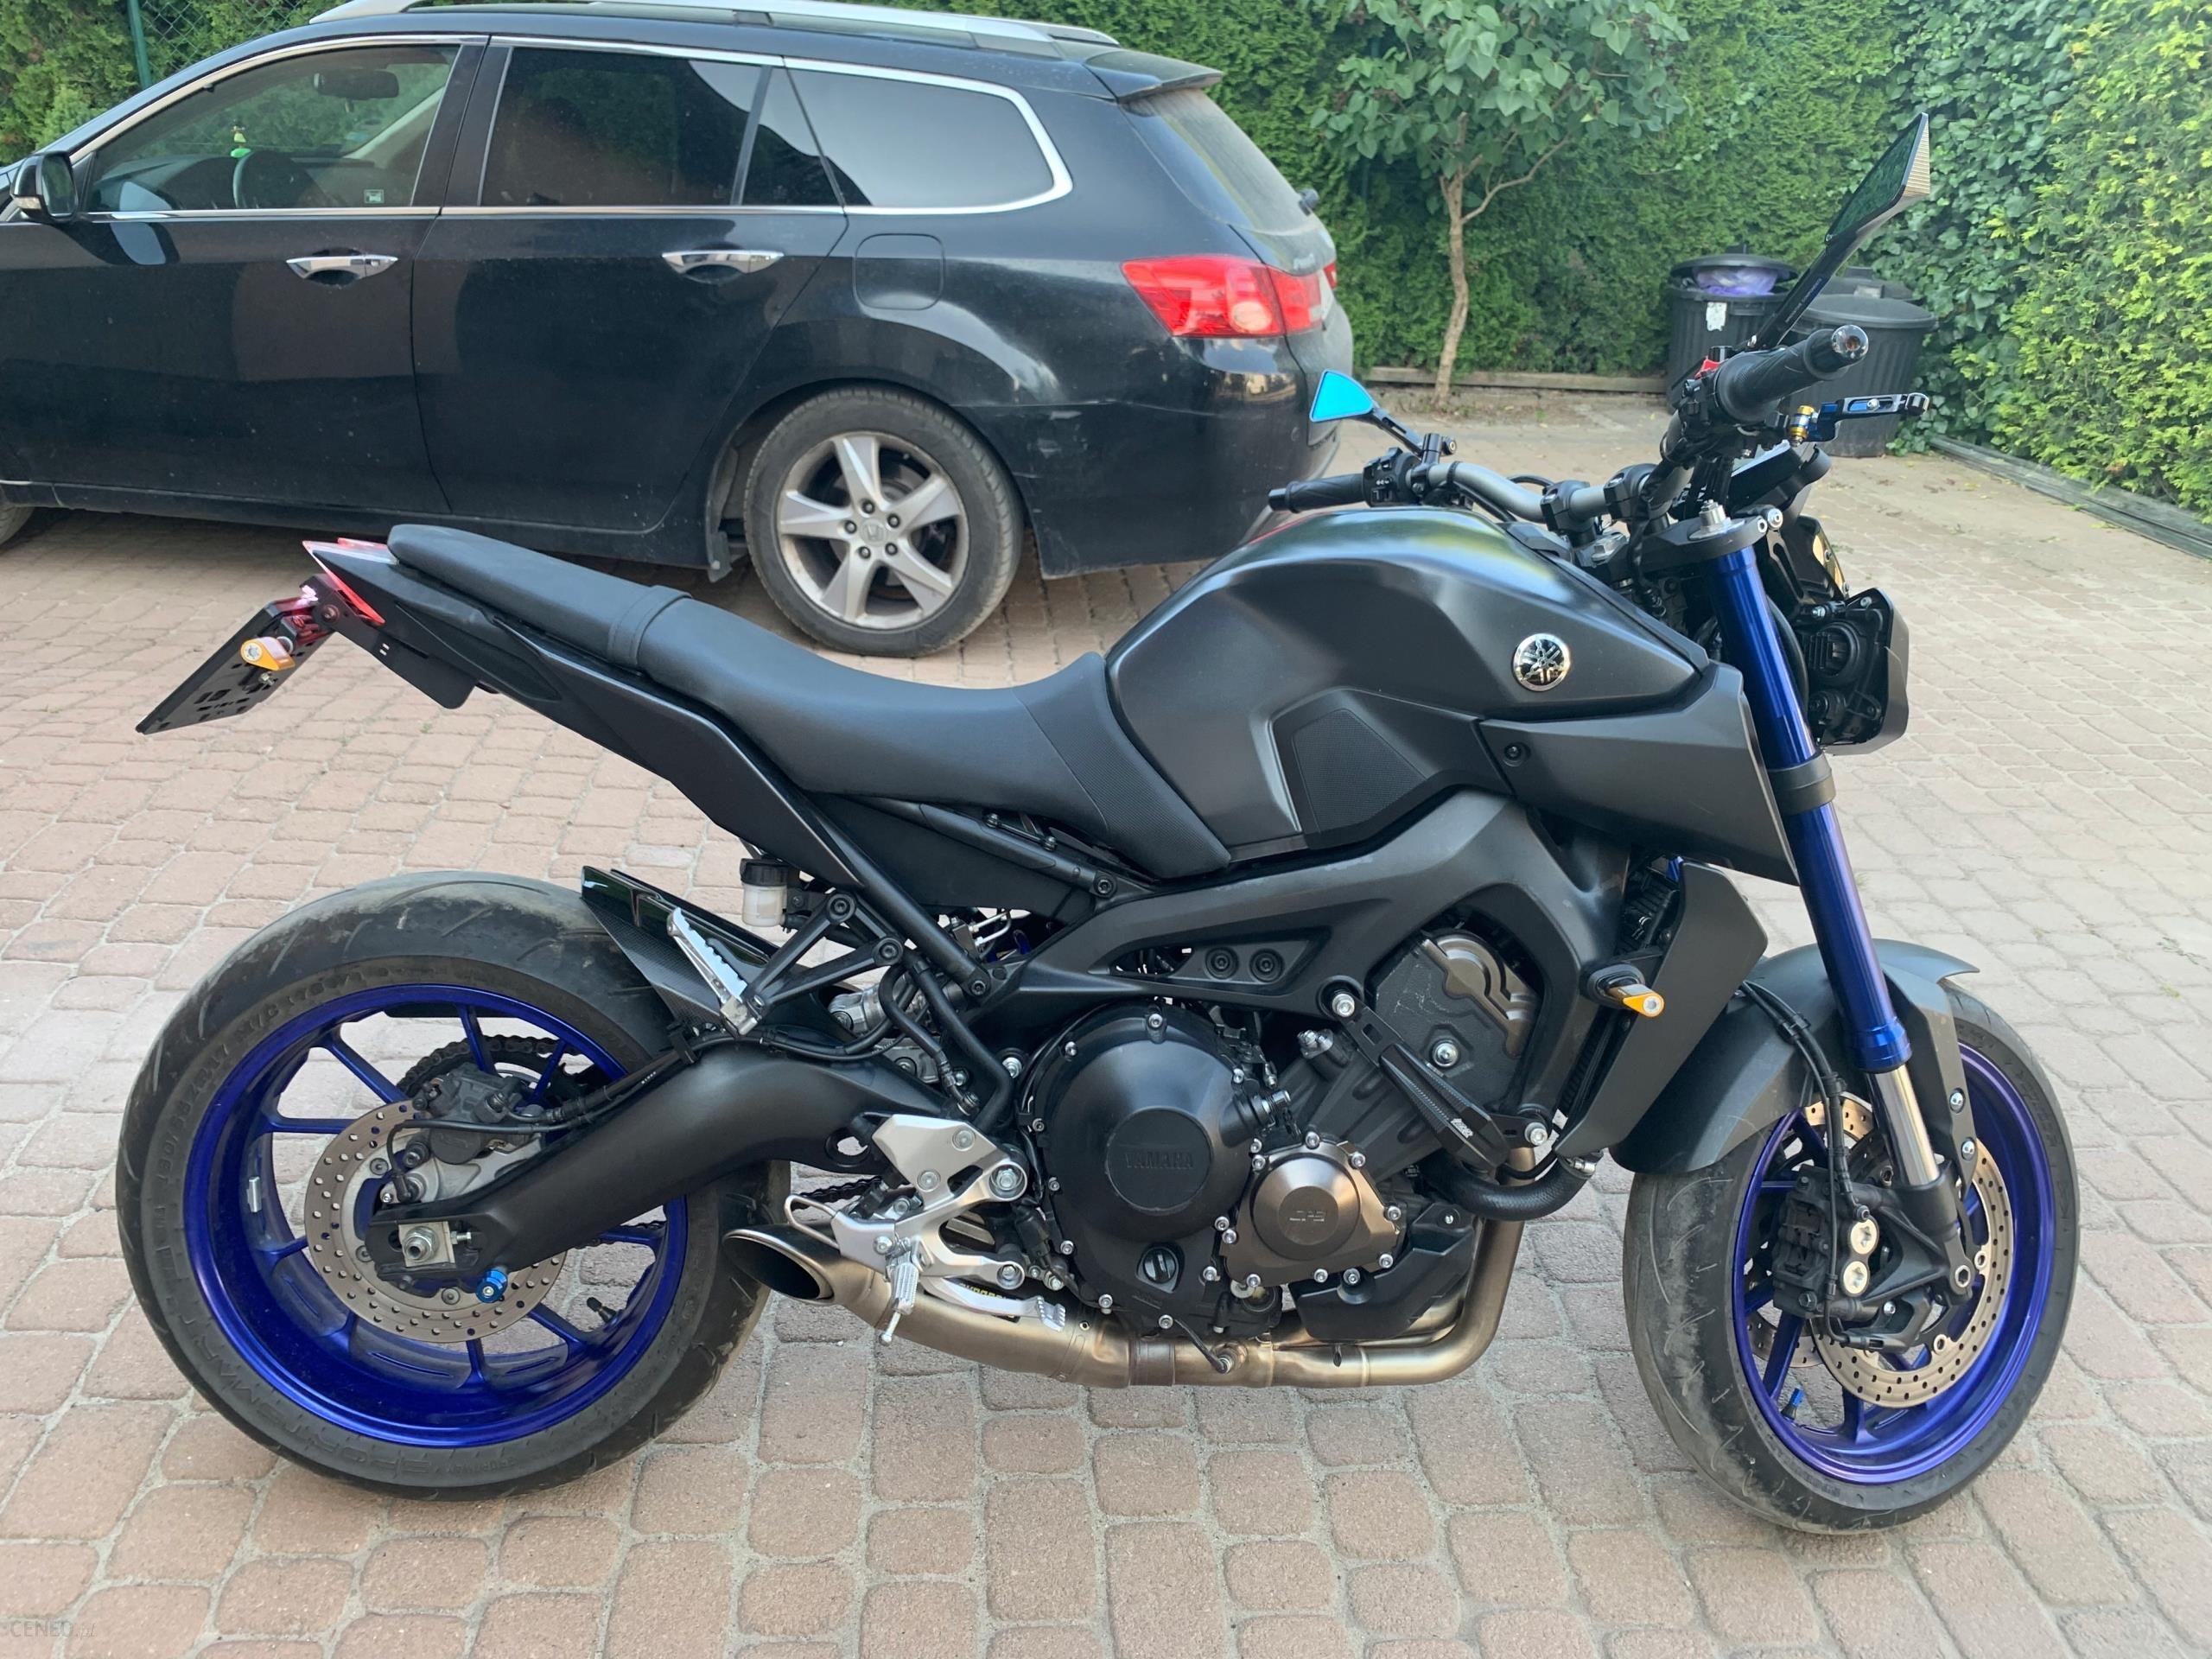 Yamaha Mt 09 Rn43 Opinie I Ceny Na Ceneo Pl